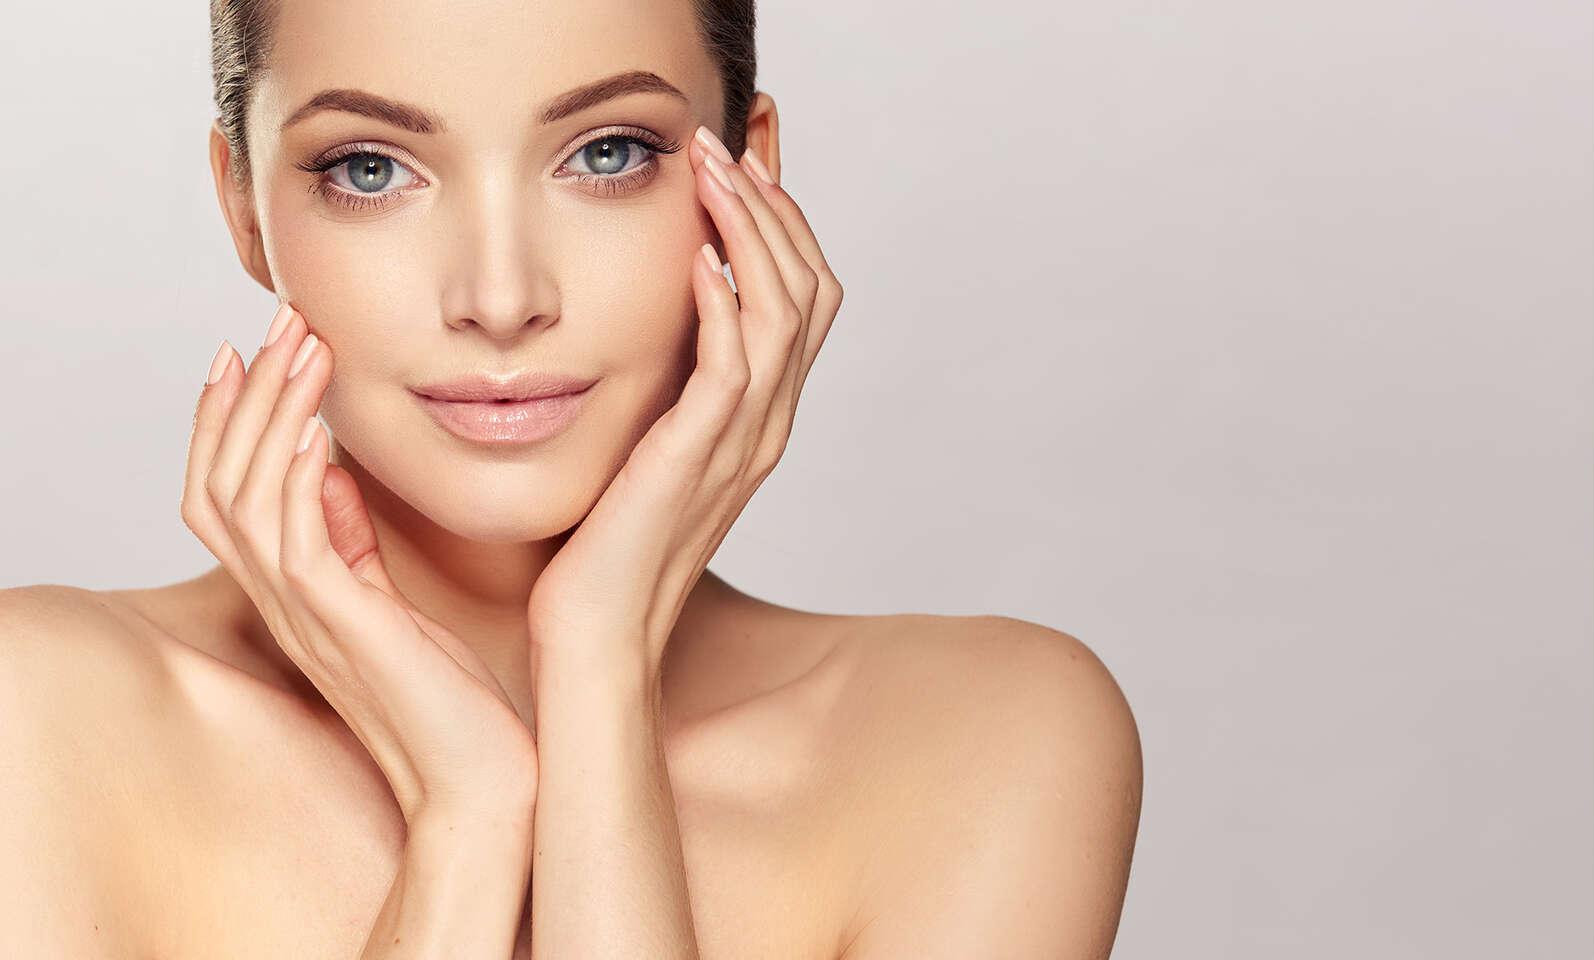 Hĺbkové čistenie, hydratačné ošetrenie s masážou či kompletná starostlivosť s diamantovou mikrodermabráziou